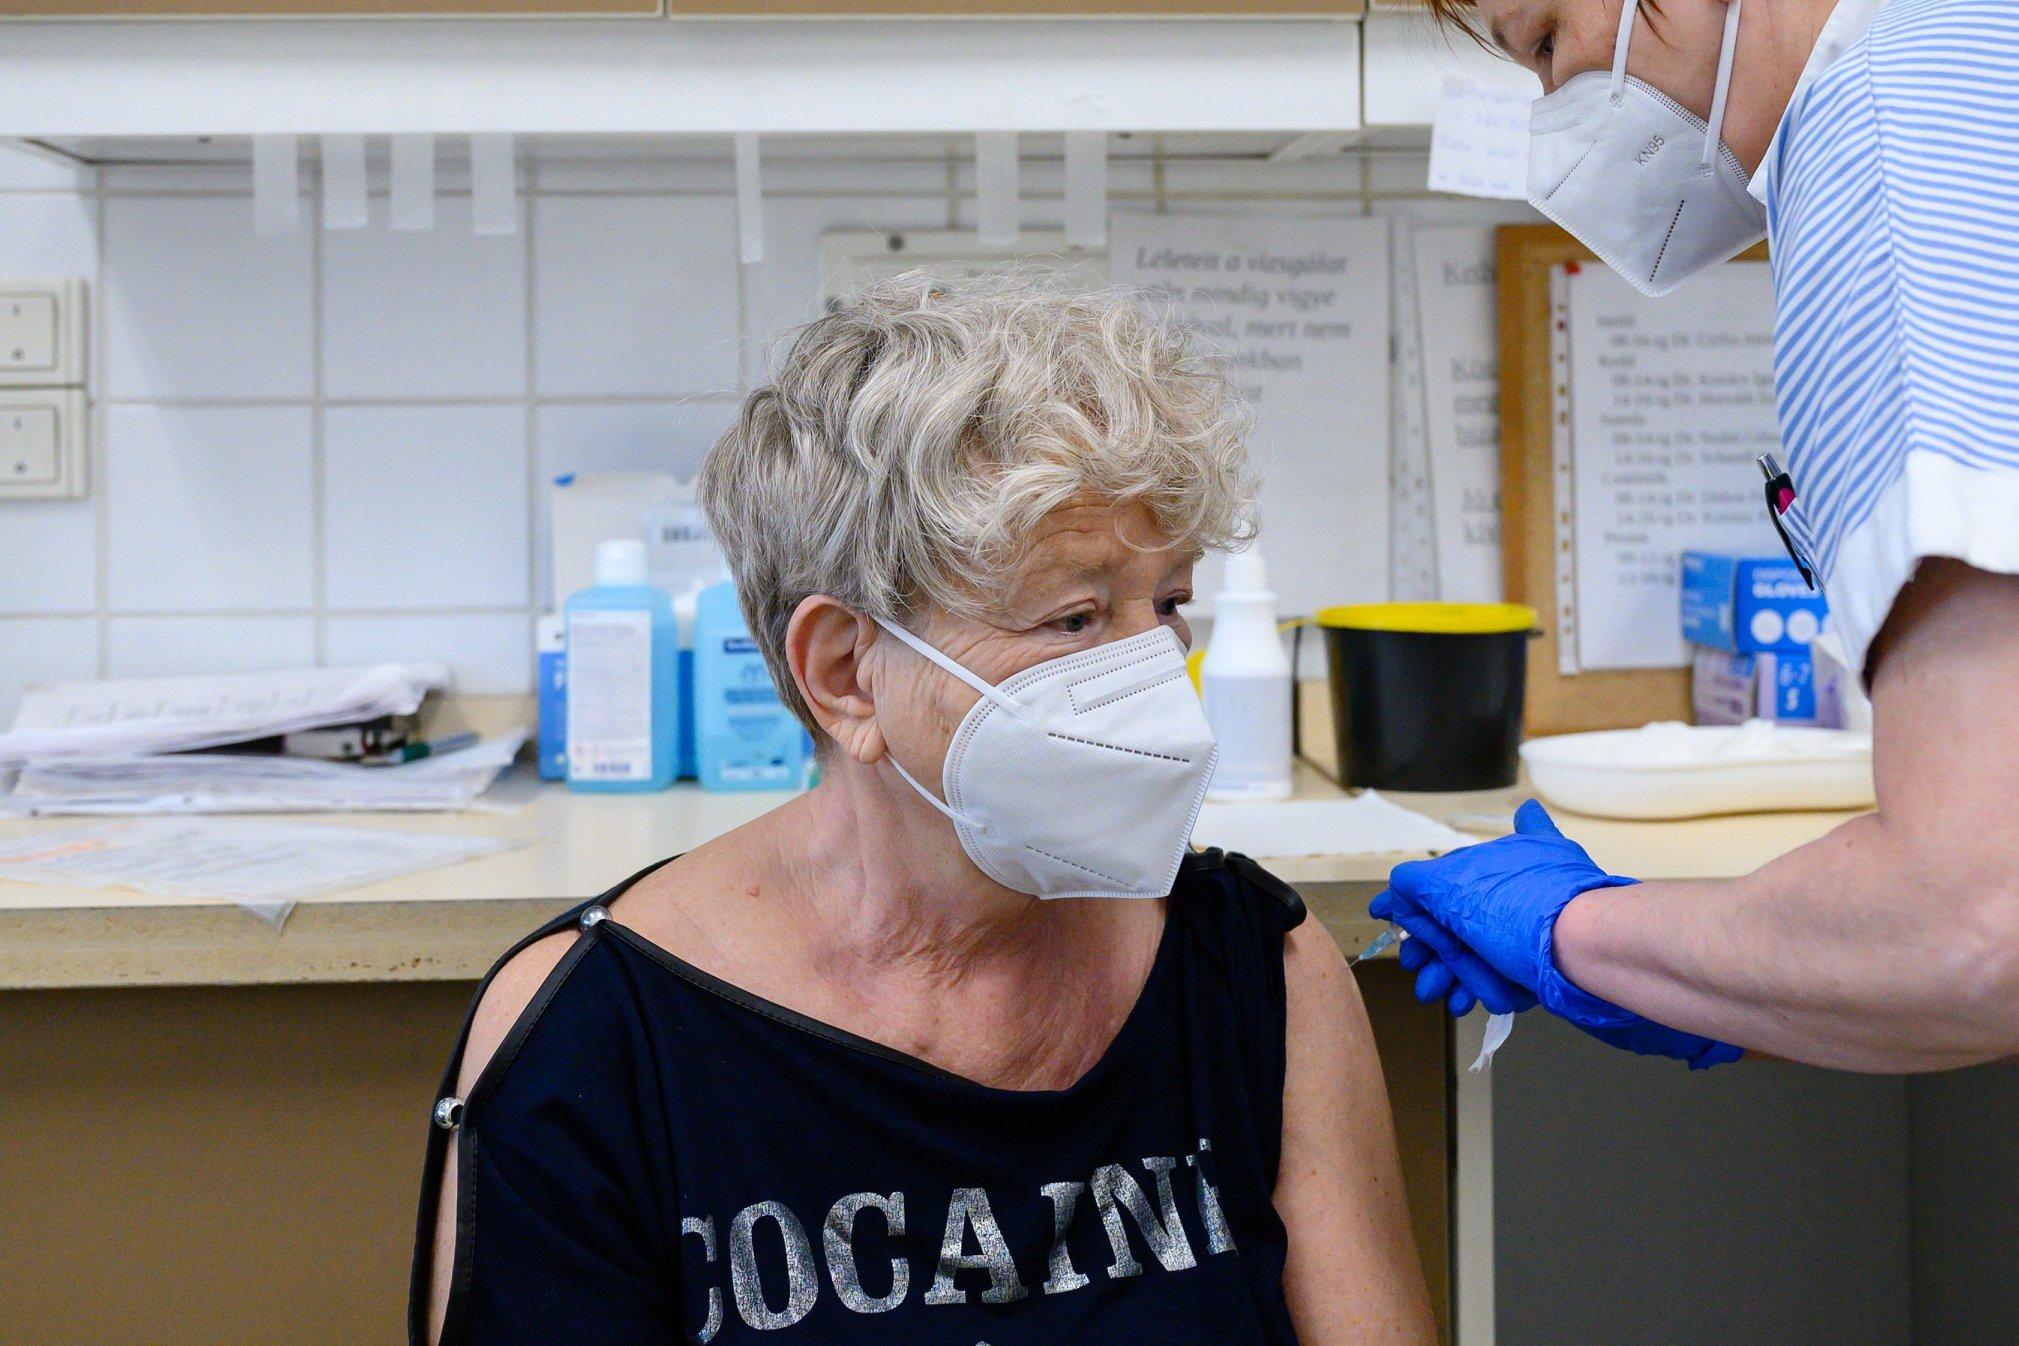 Küldje el nekünk a laboratóriumi teszteredményét, ha megnézette, hogy az oltás beindította-e az immunválaszt